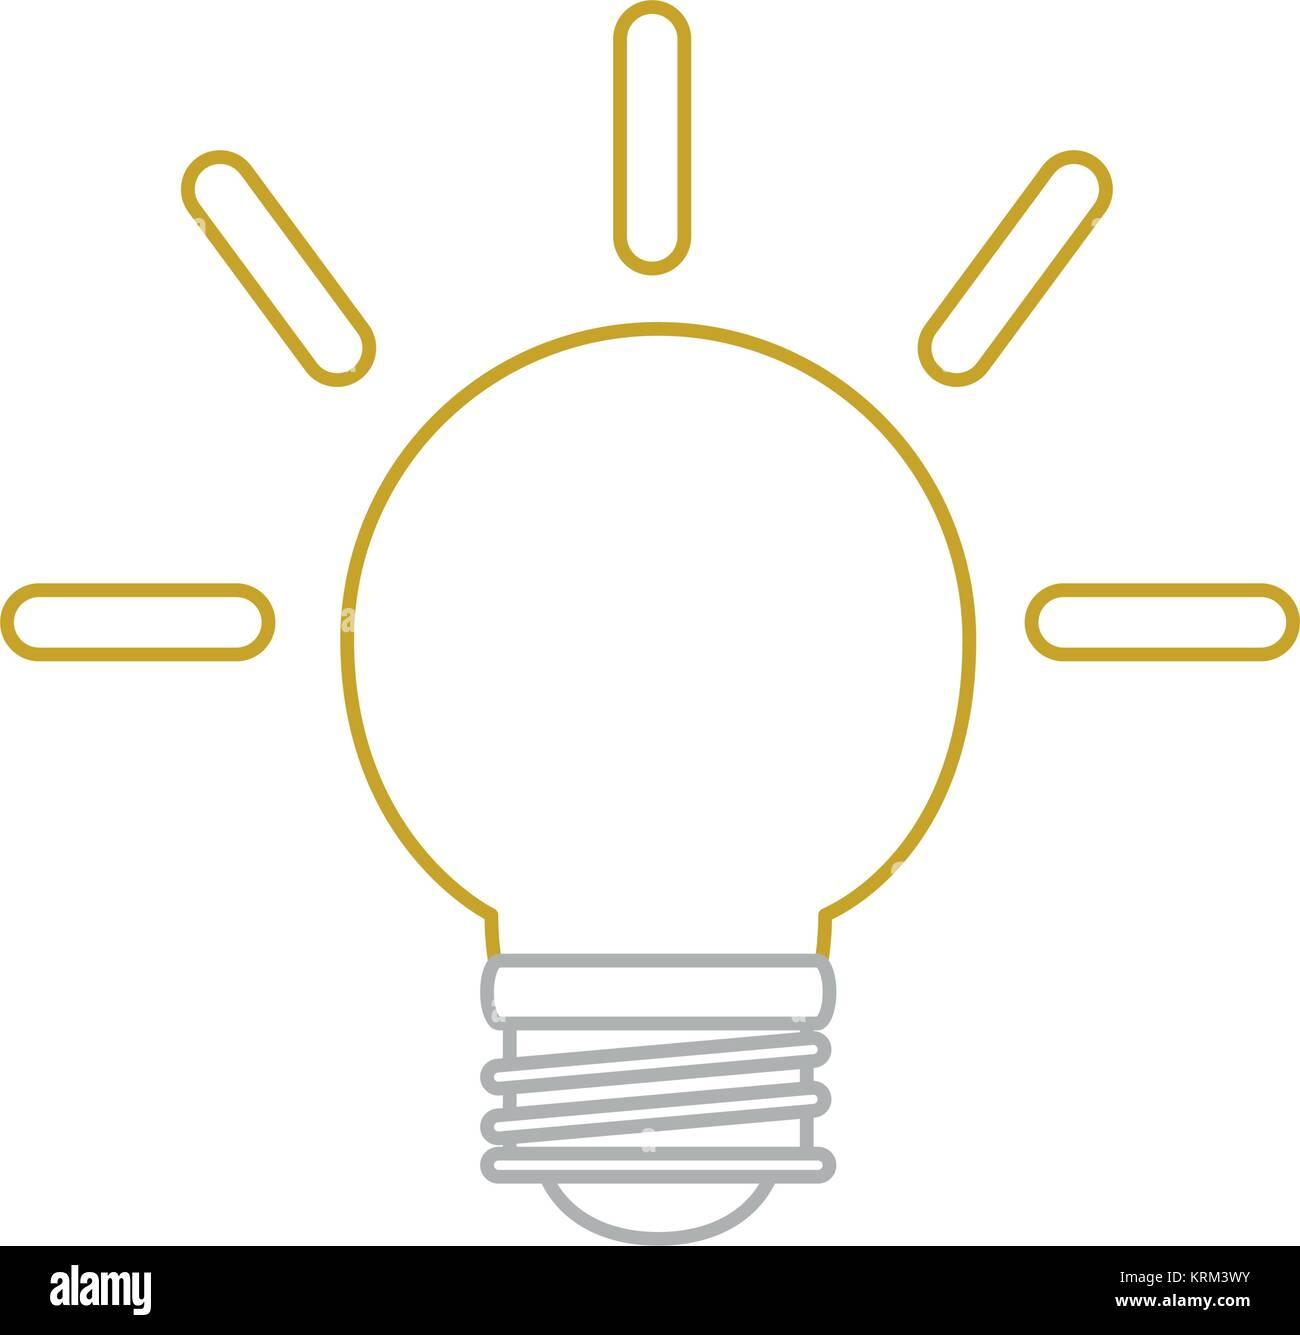 Light bulb design - Stock Vector